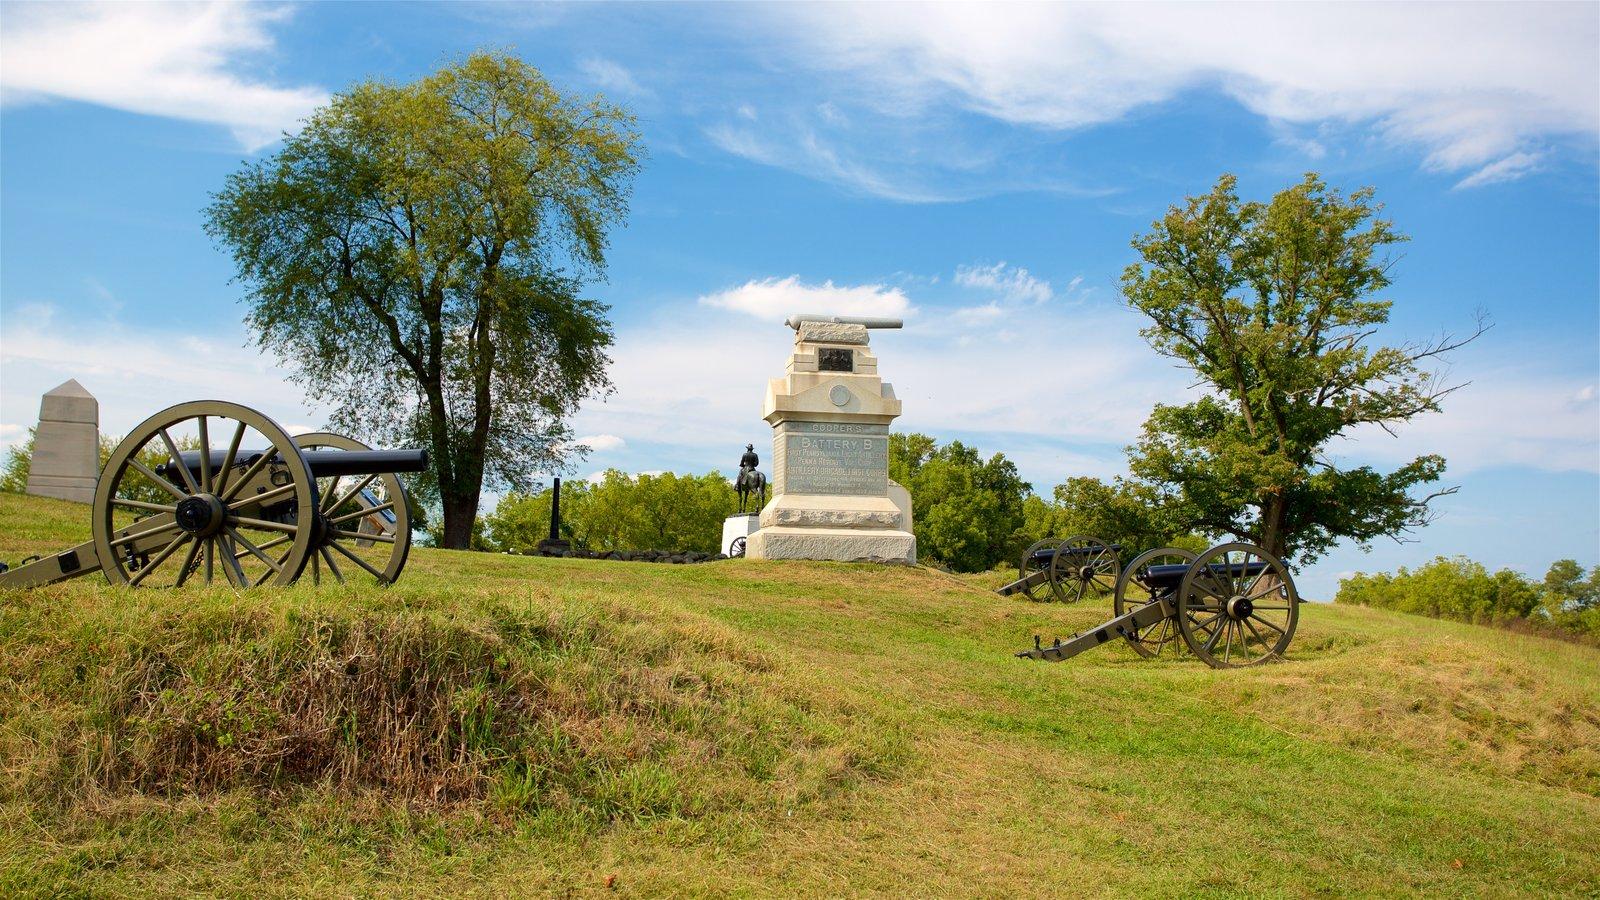 Gettysburg National Military Park caracterizando itens militares, elementos de patrimônio e um parque